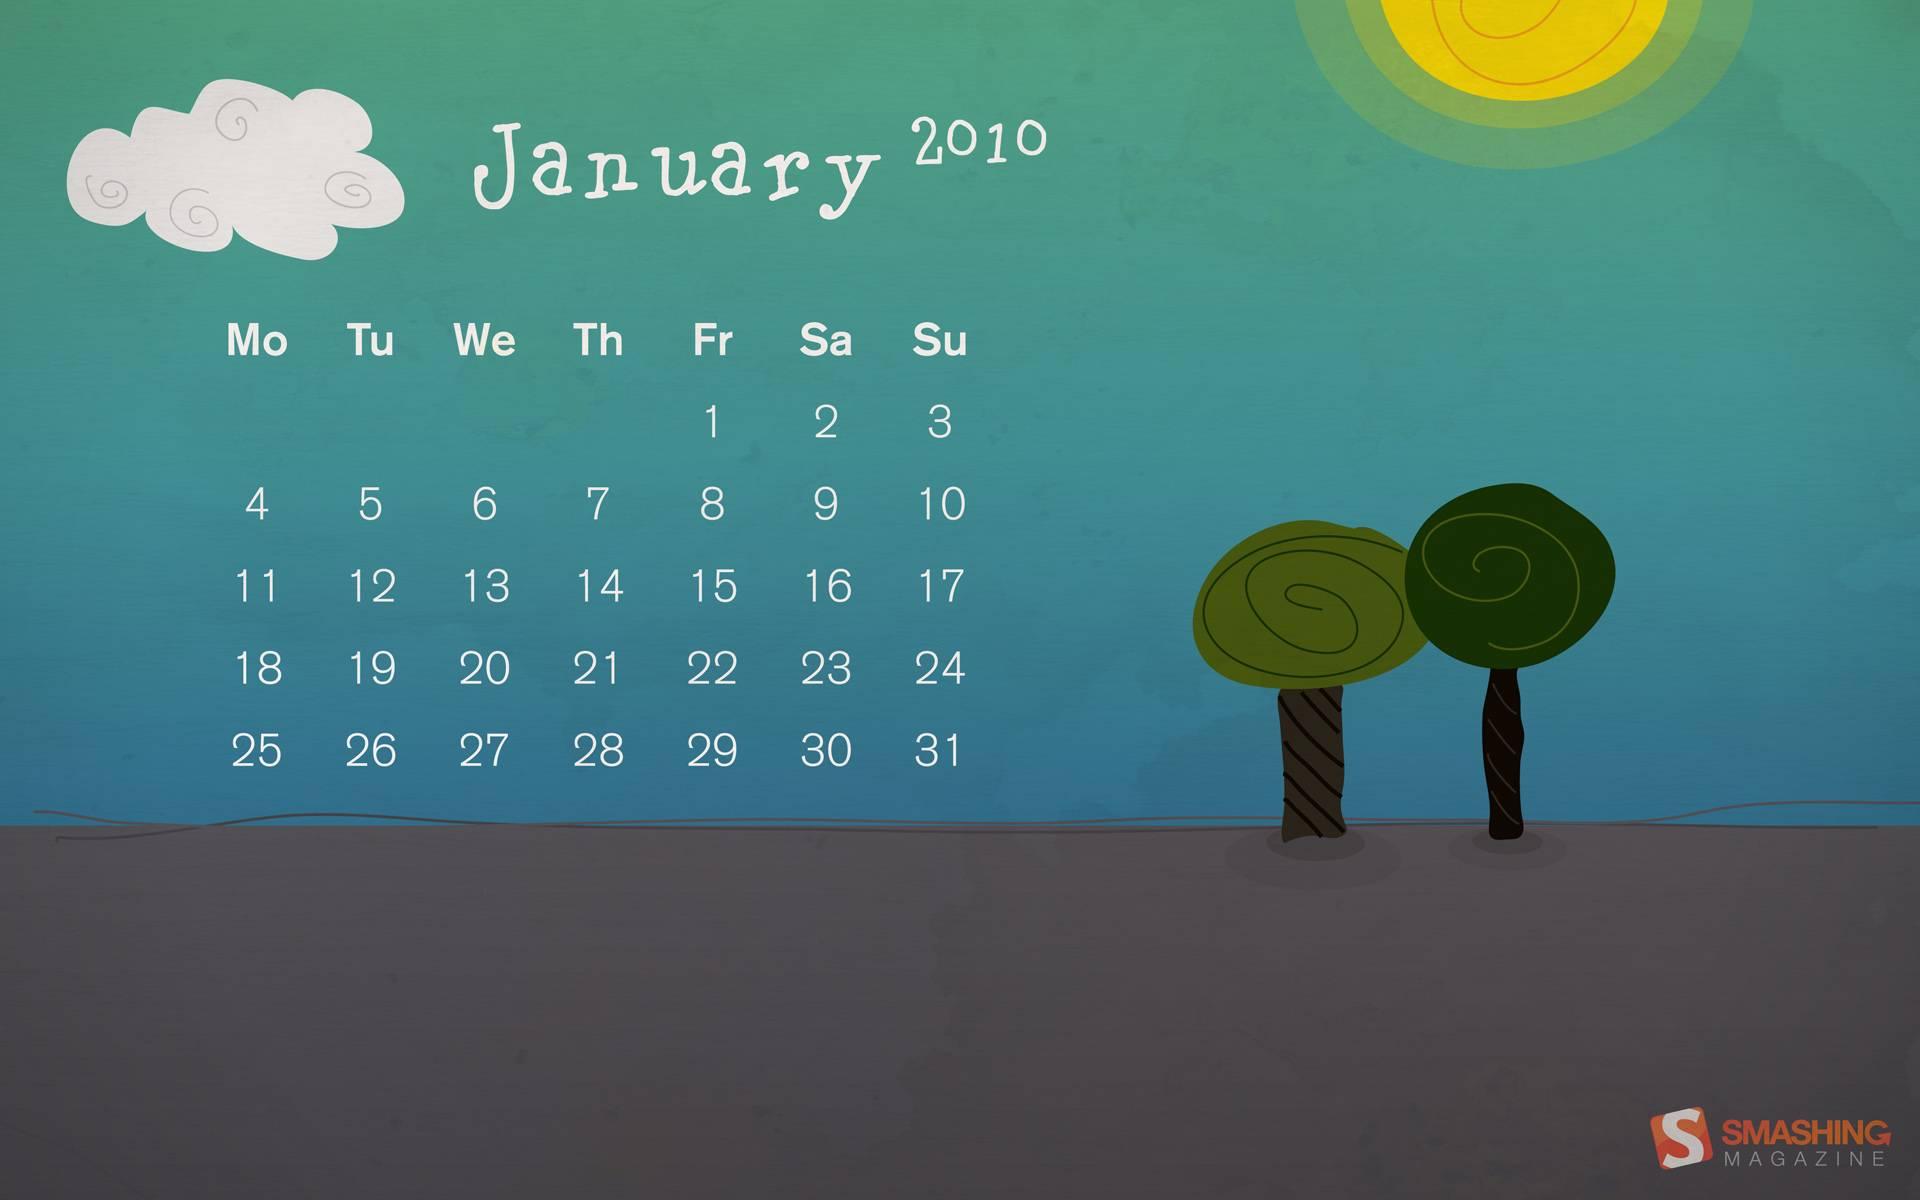 desktopia, ruimte, januari, vriendelijk, kantoor, kalender